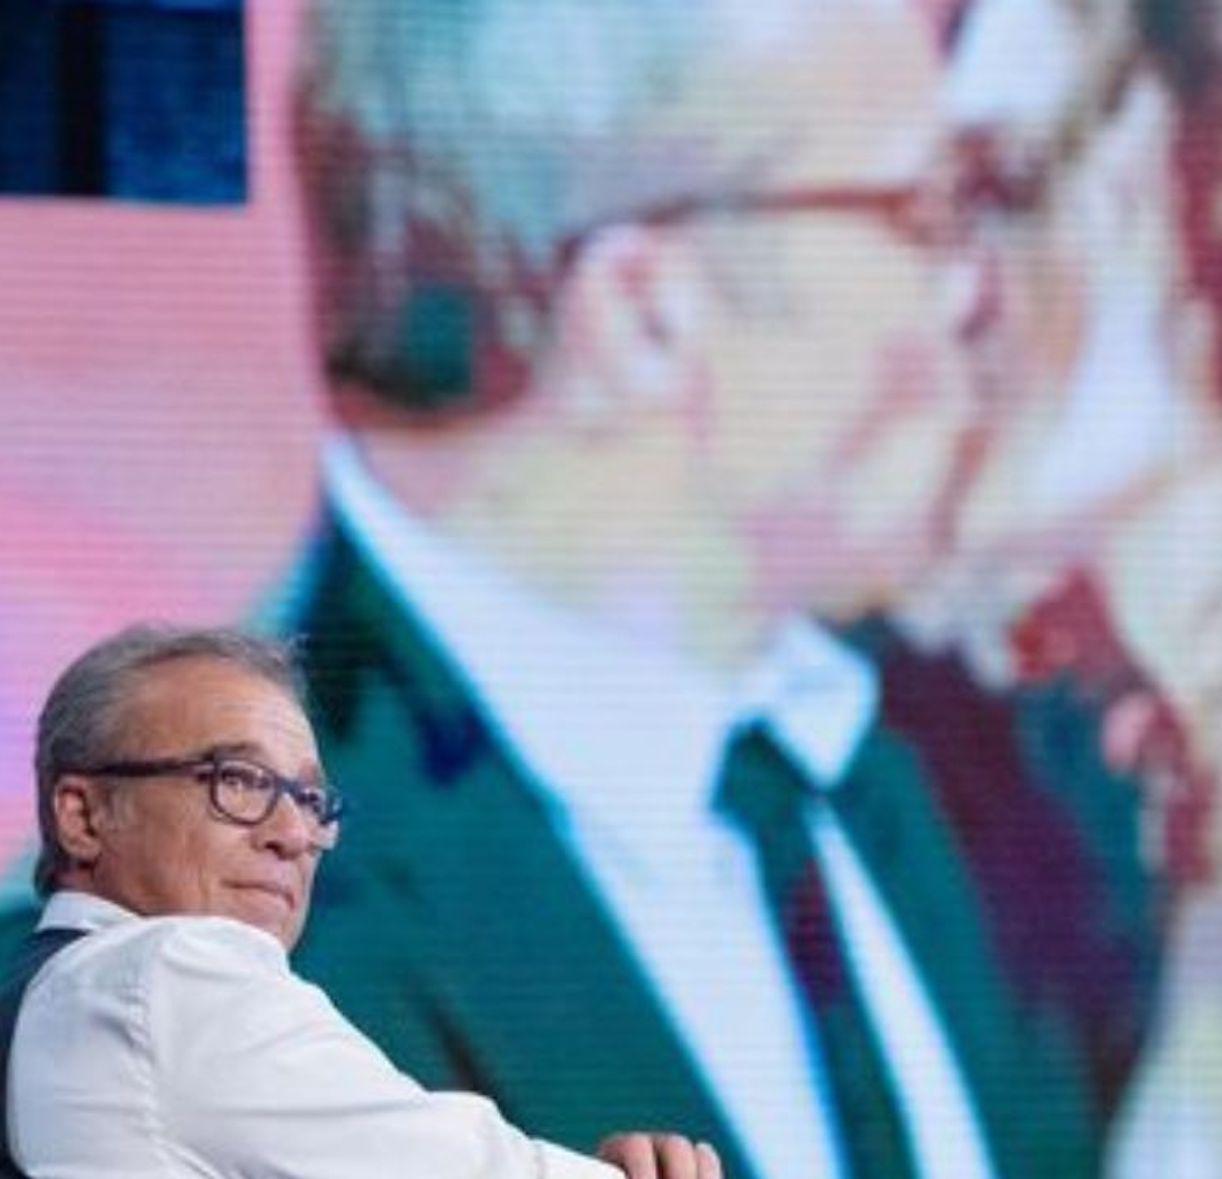 Claudio Amendola piange malattia francesca neri